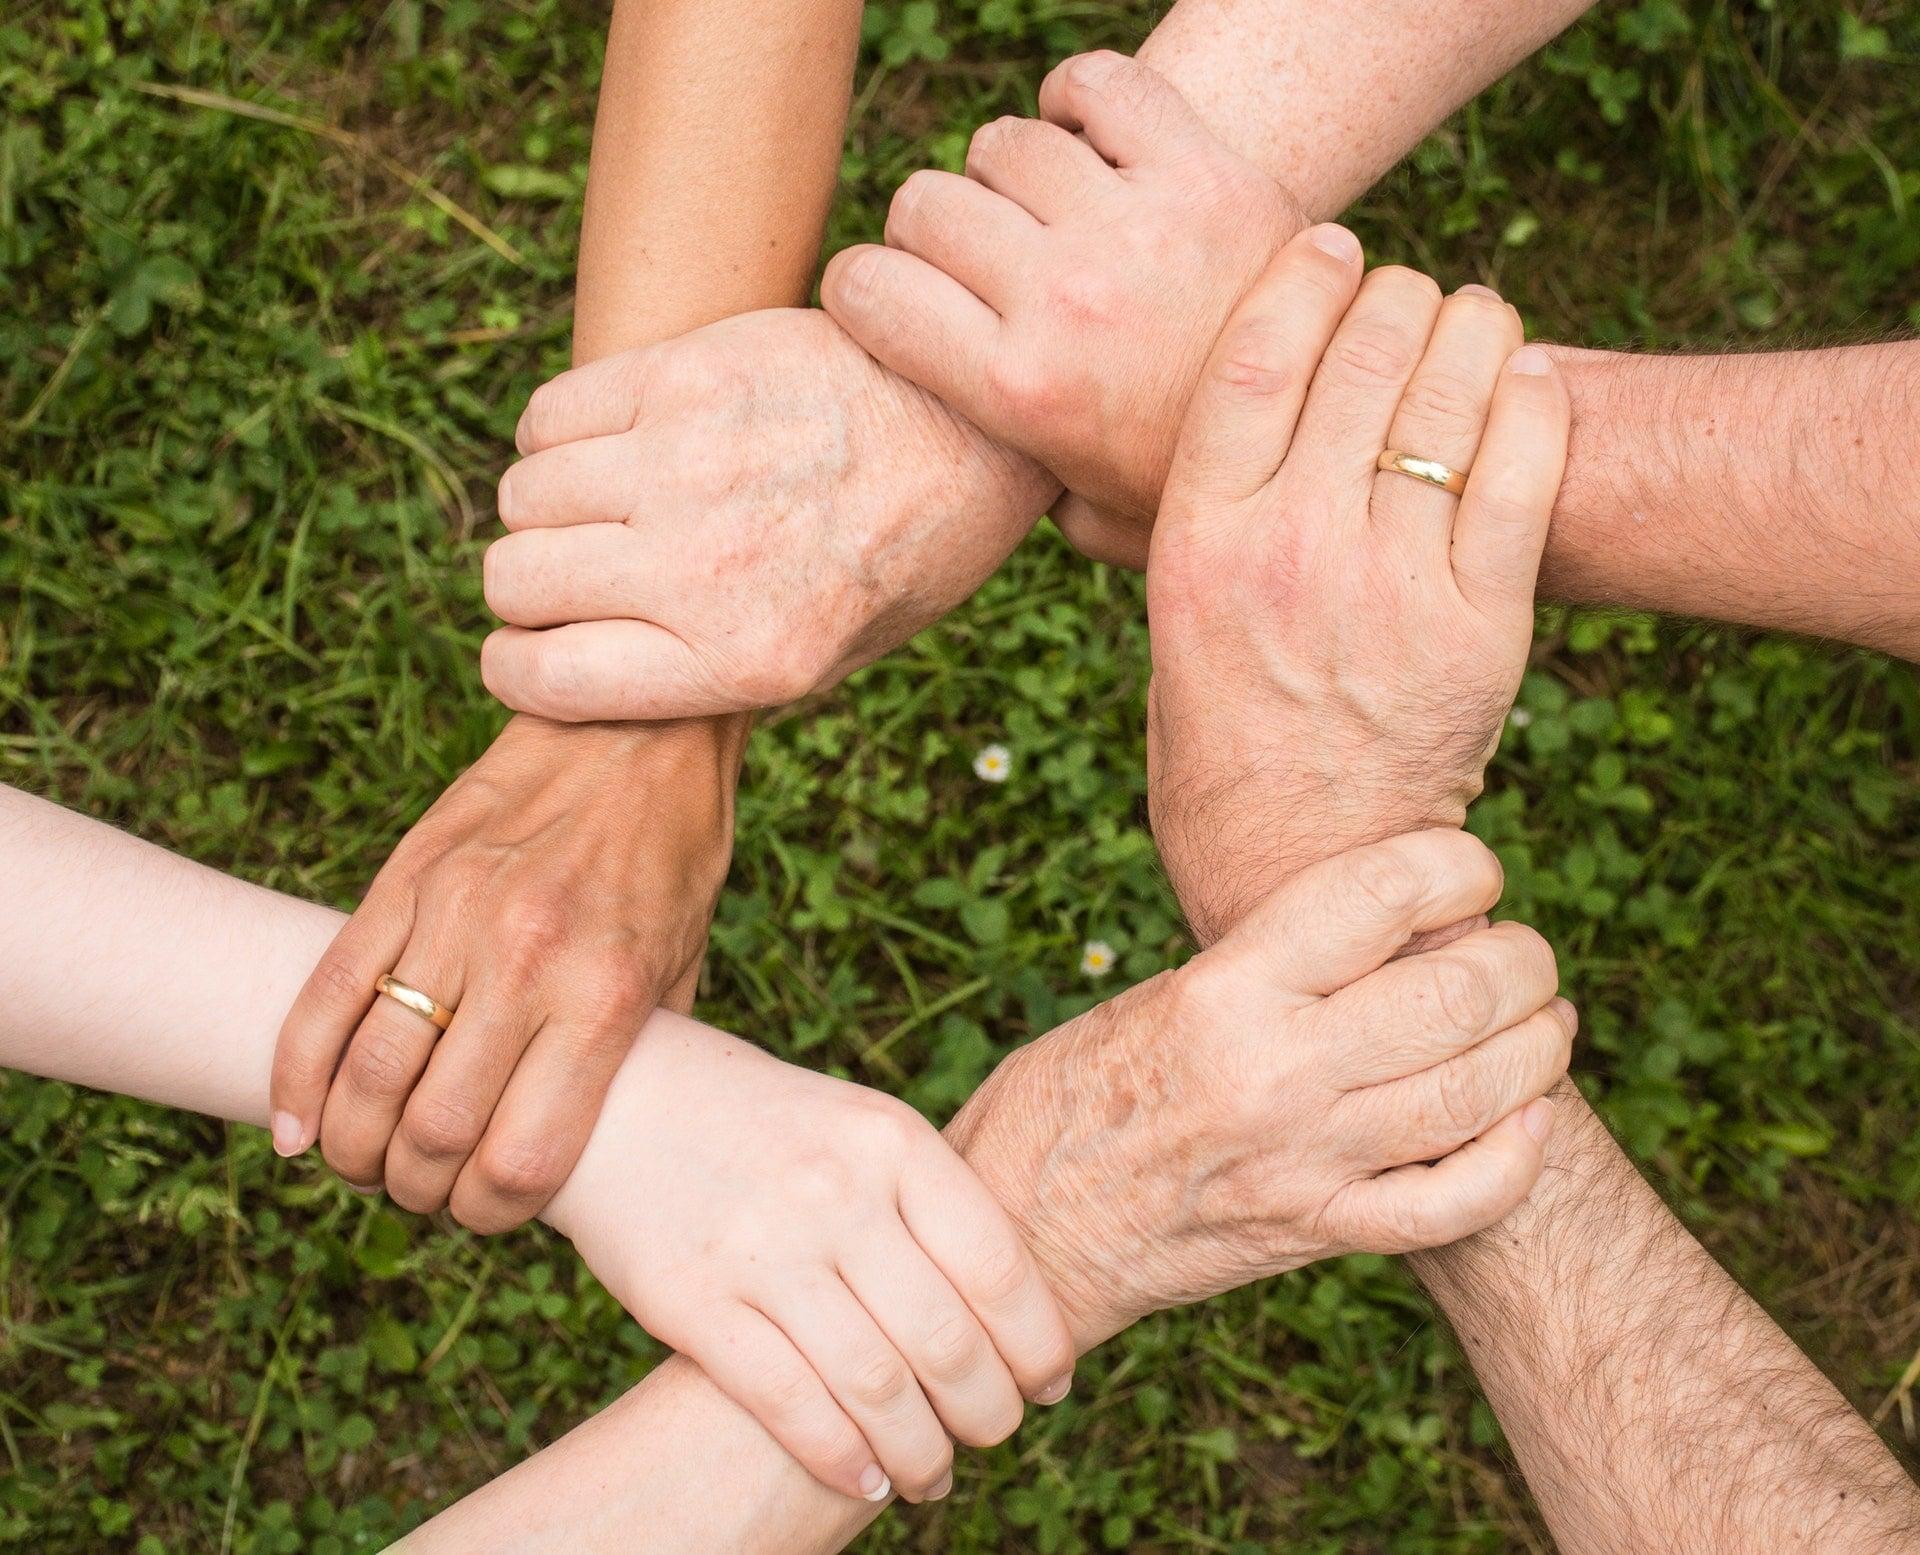 Παιδιά στην εφηβεία: μικρές συμβουλές για υγιείς σχέσεις